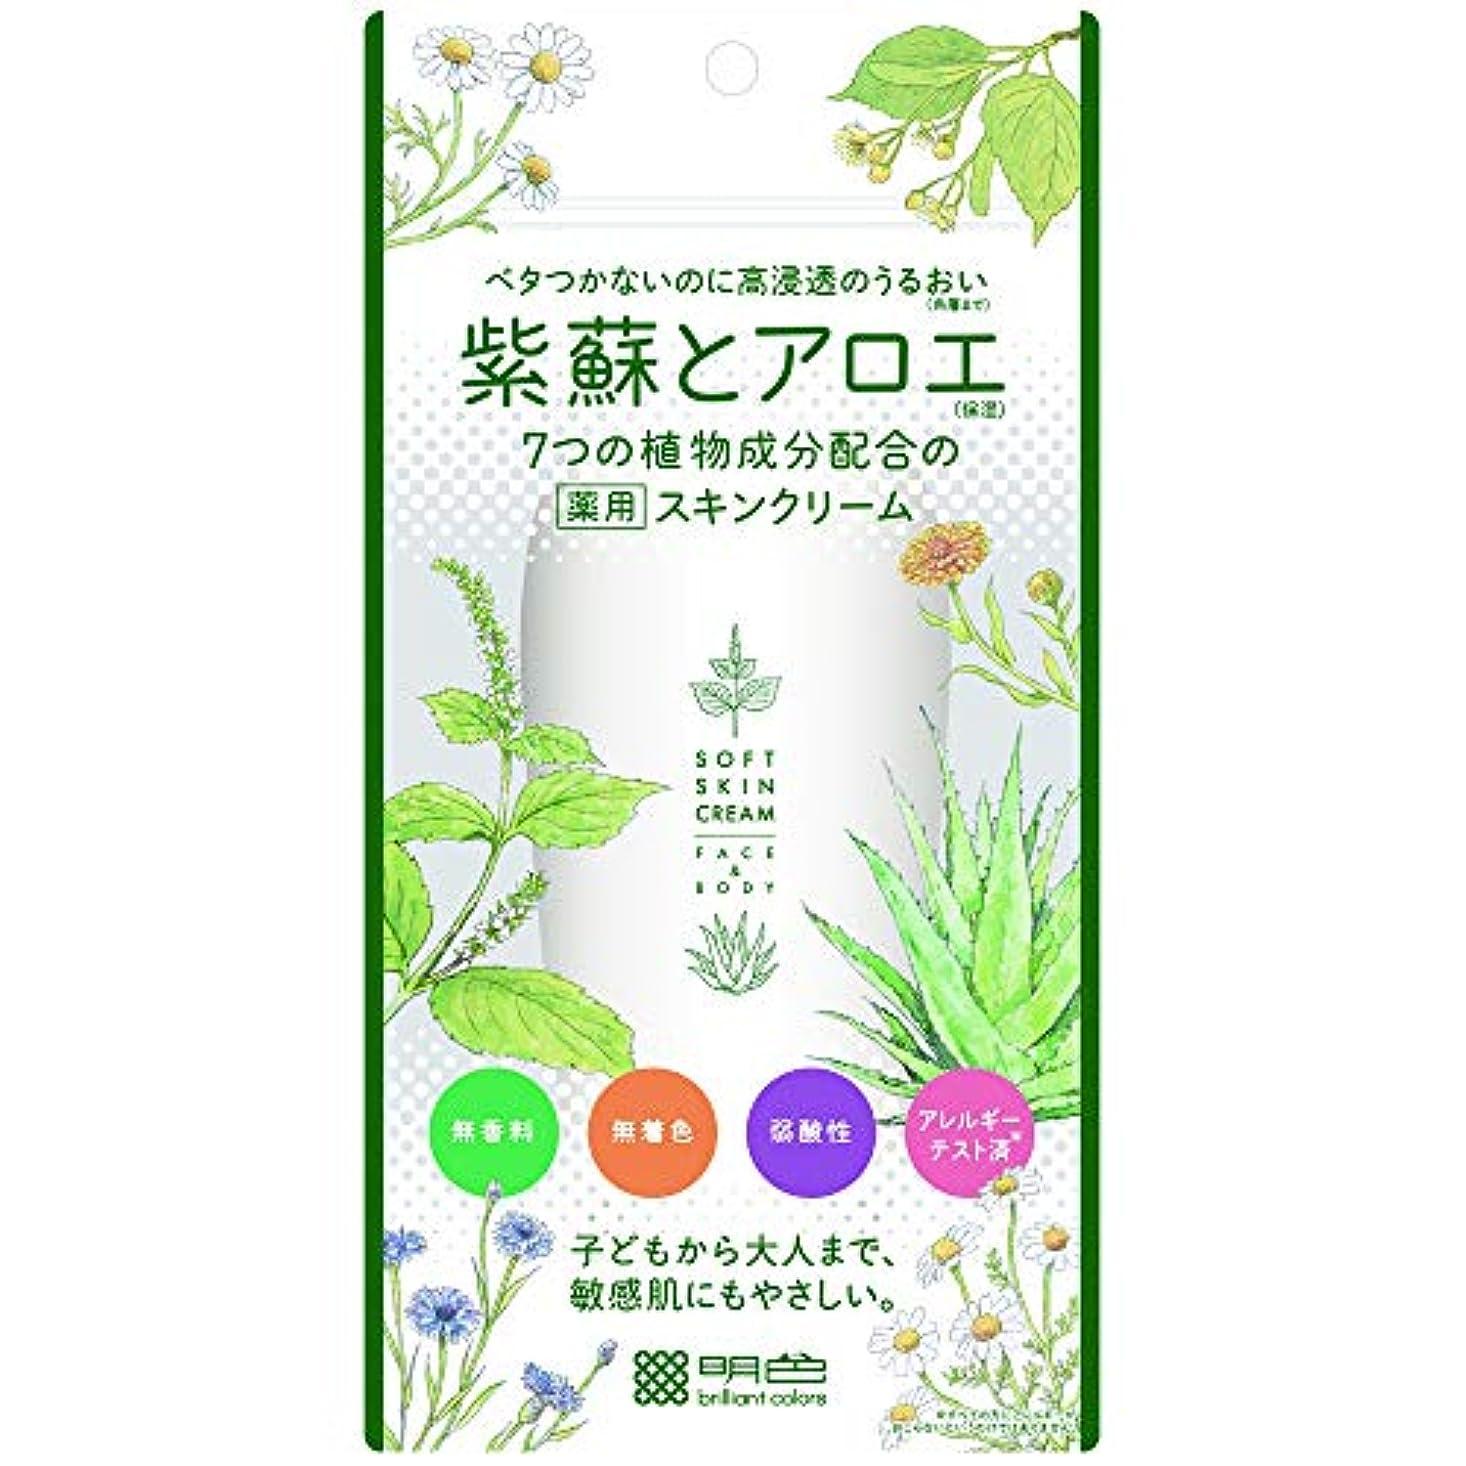 やけど知り合い松の木明色化粧品 紫蘇とアロエ 薬用スキンクリーム 190g